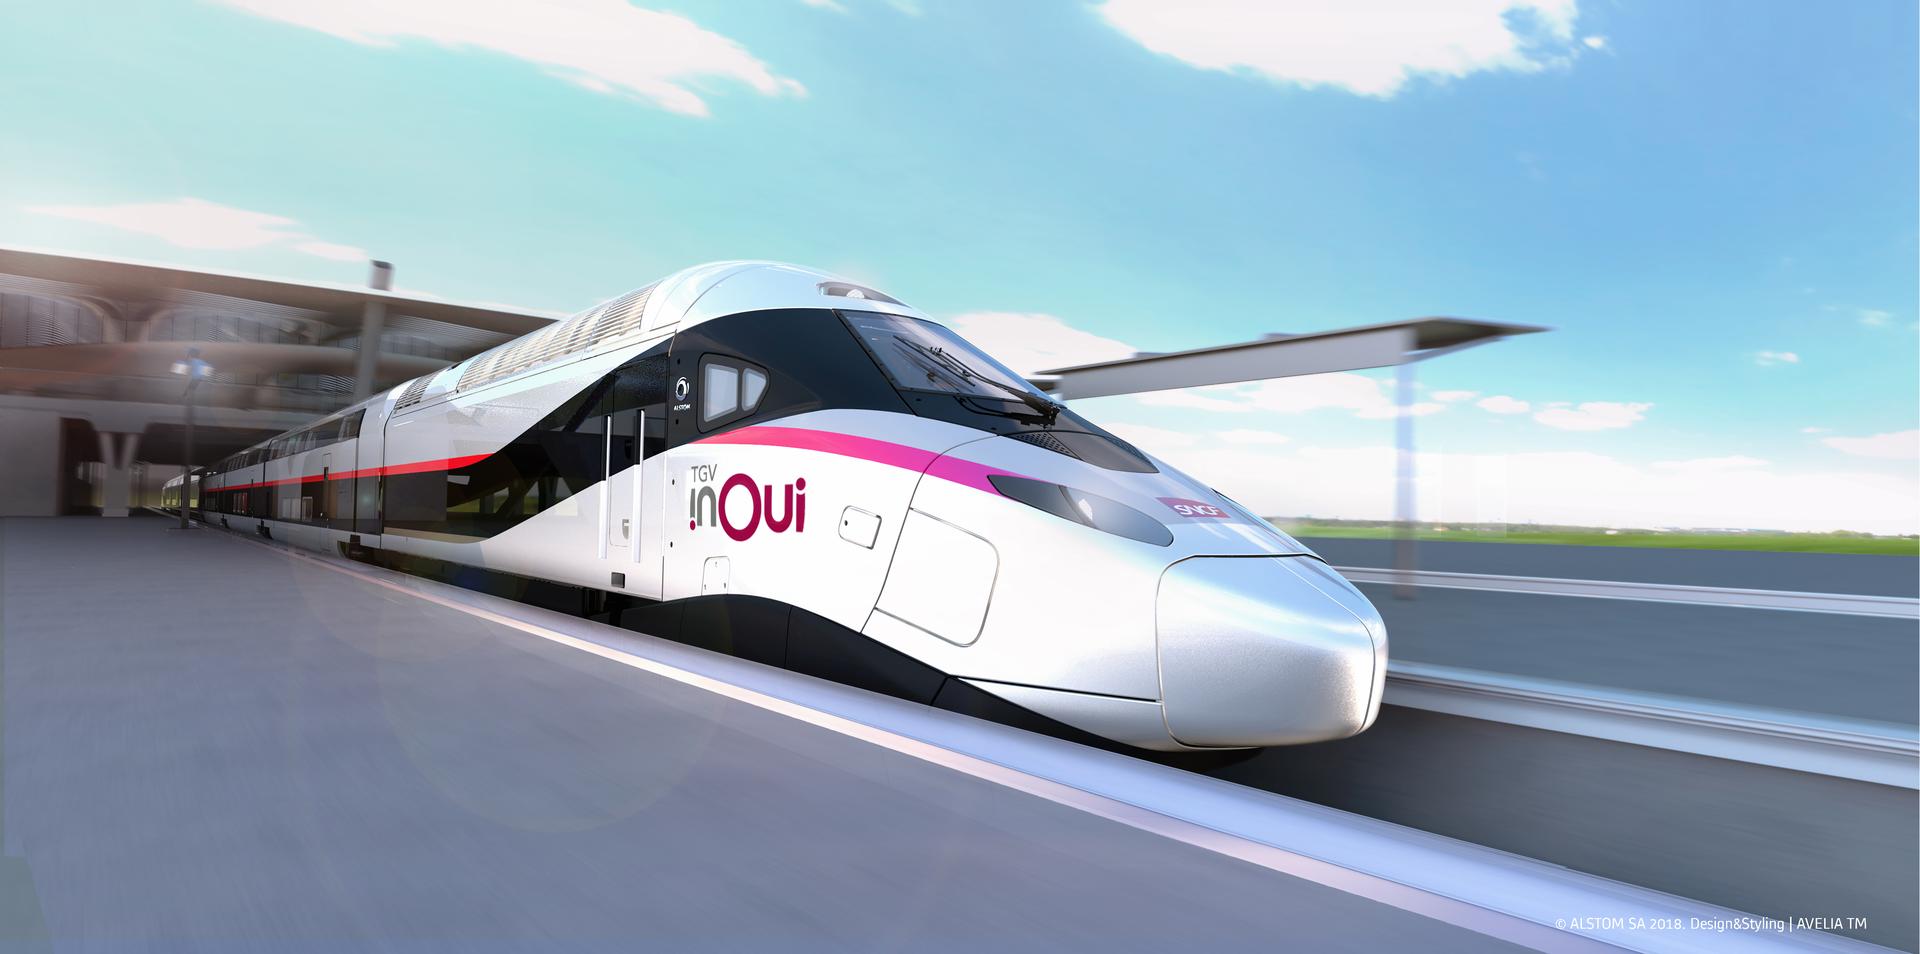 Alstom otrzymał zamówienie od SNCF na 100 pociągów bardzo dużych prędkości najnowszej generacji